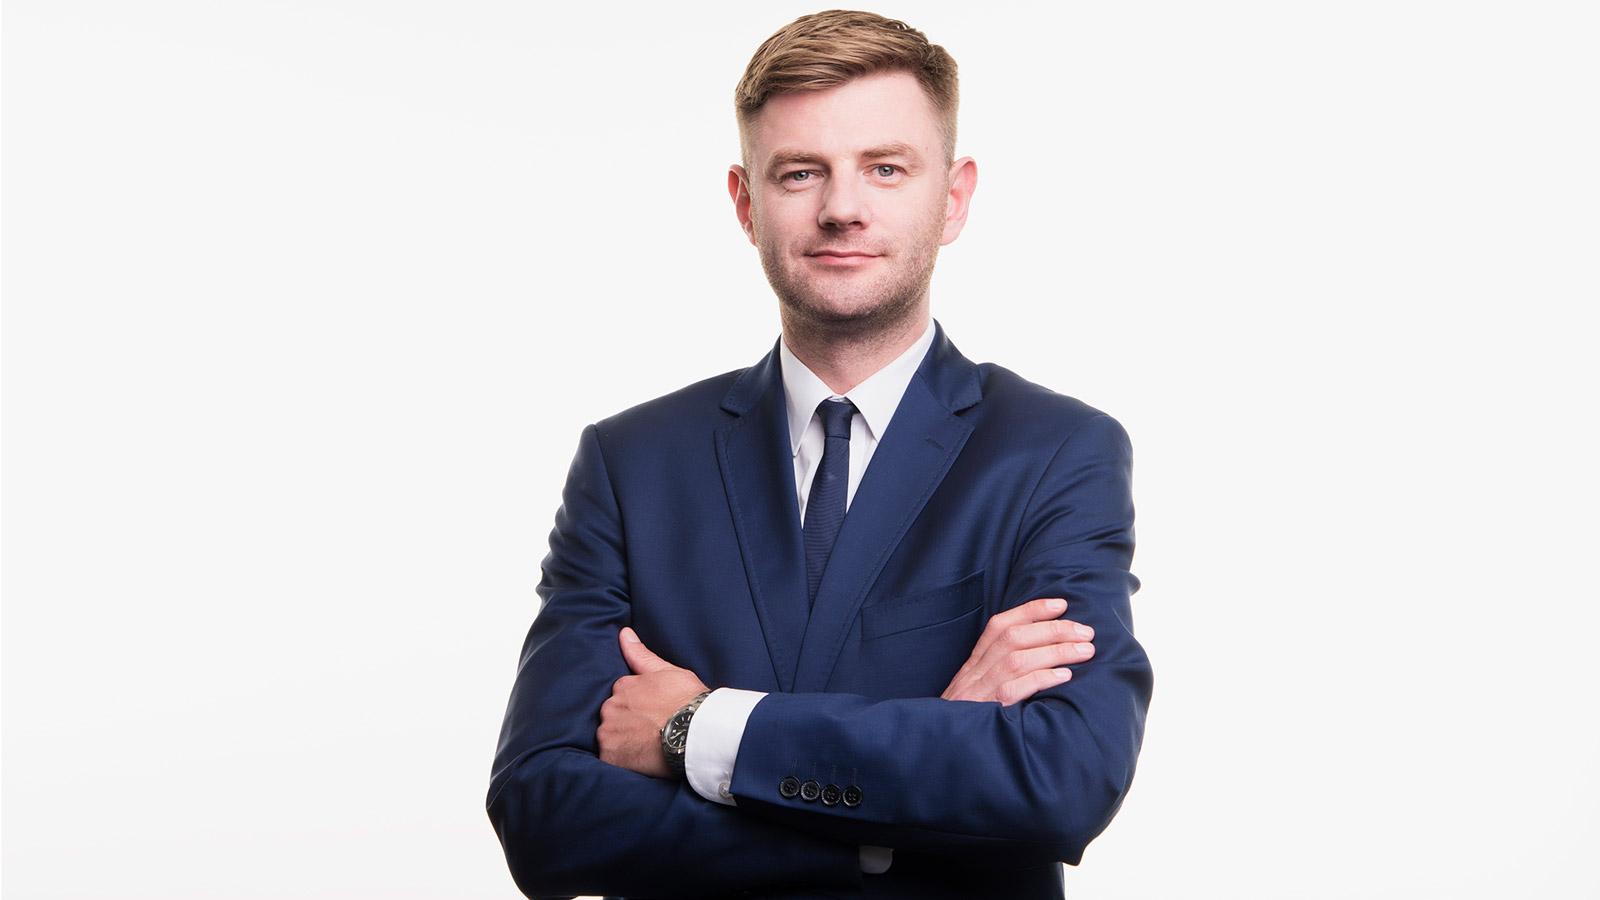 Reprezentant FORDA, MAZDY, JAGUARA z nowym Dyrektorem Marketingu awans mediarun Lukasz Gozdzior Inchcape Northern Europe Distibution 2019